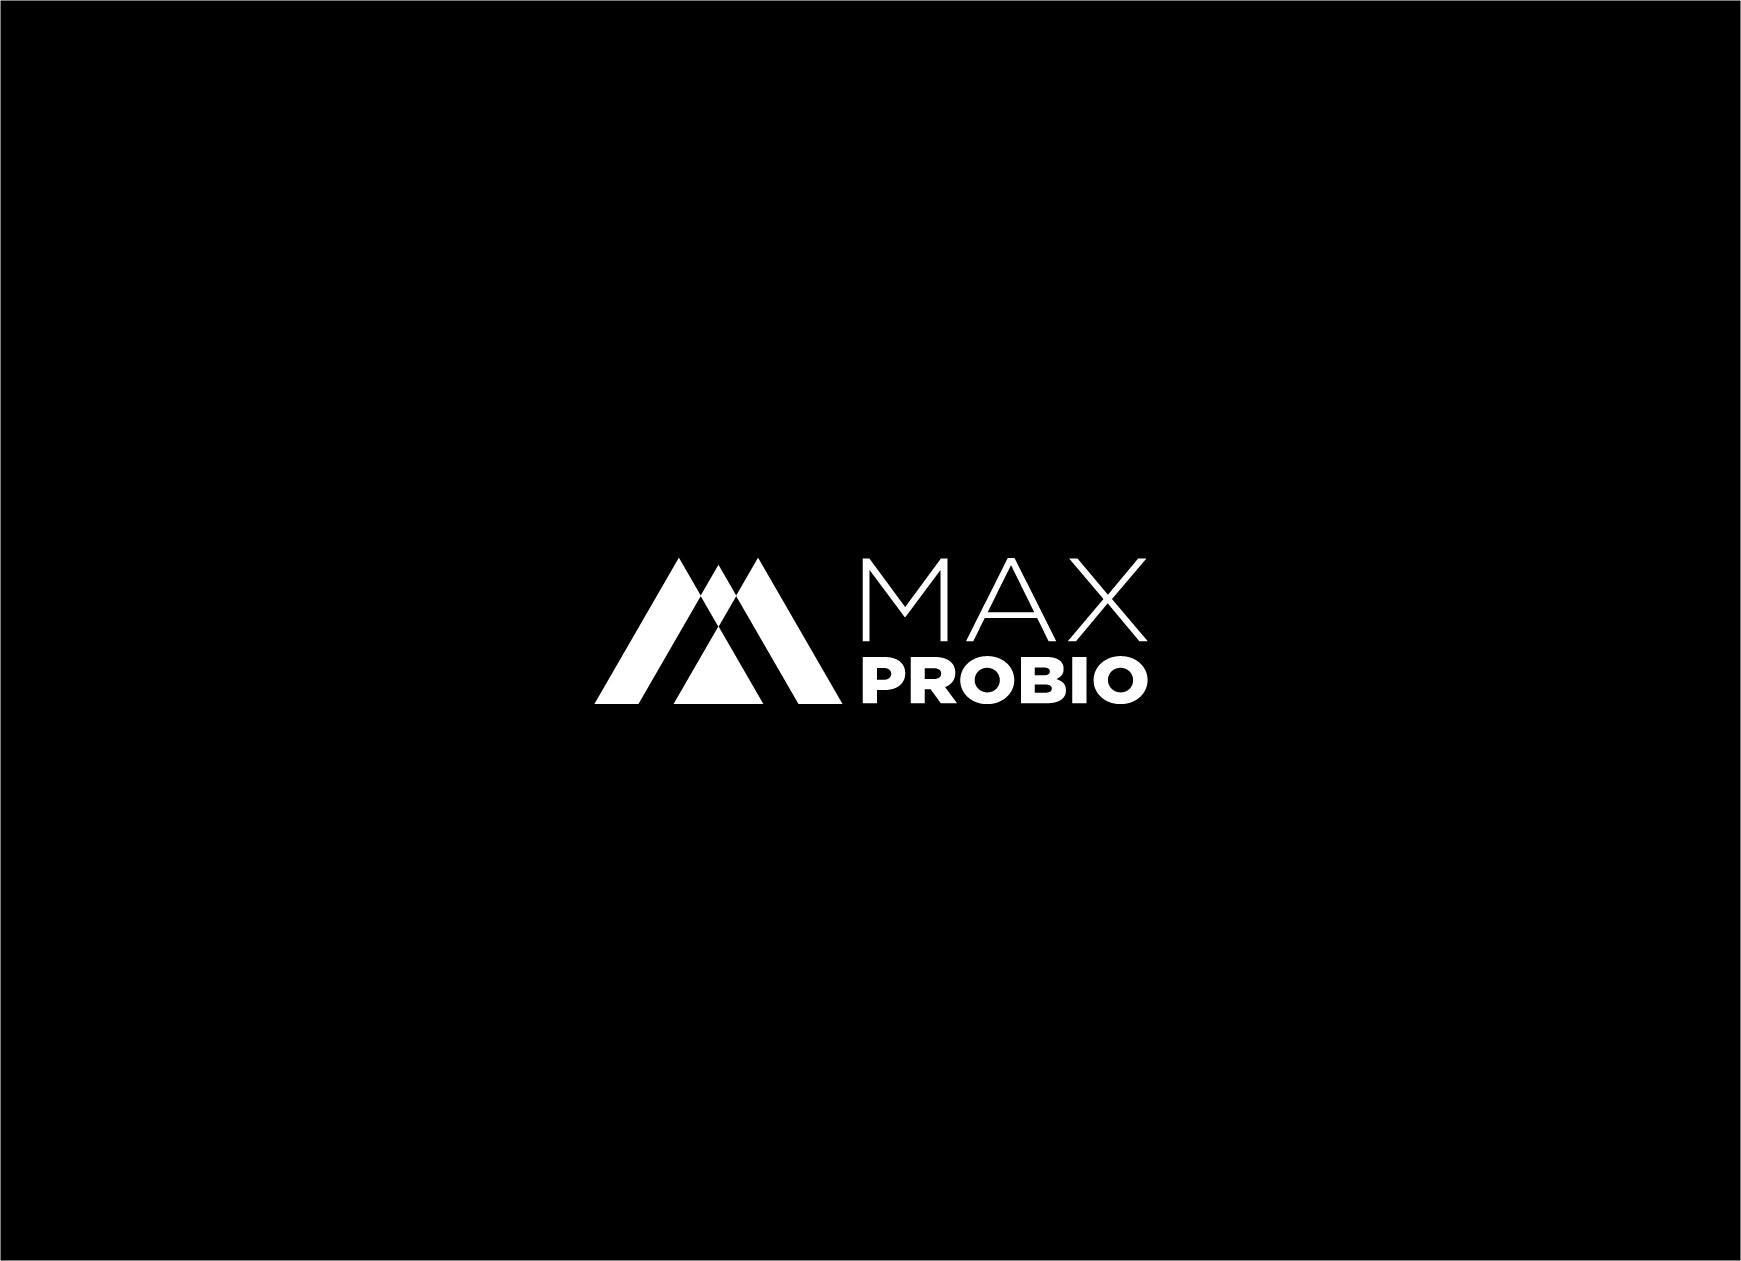 MaxProbio_Thumbnail.jpg